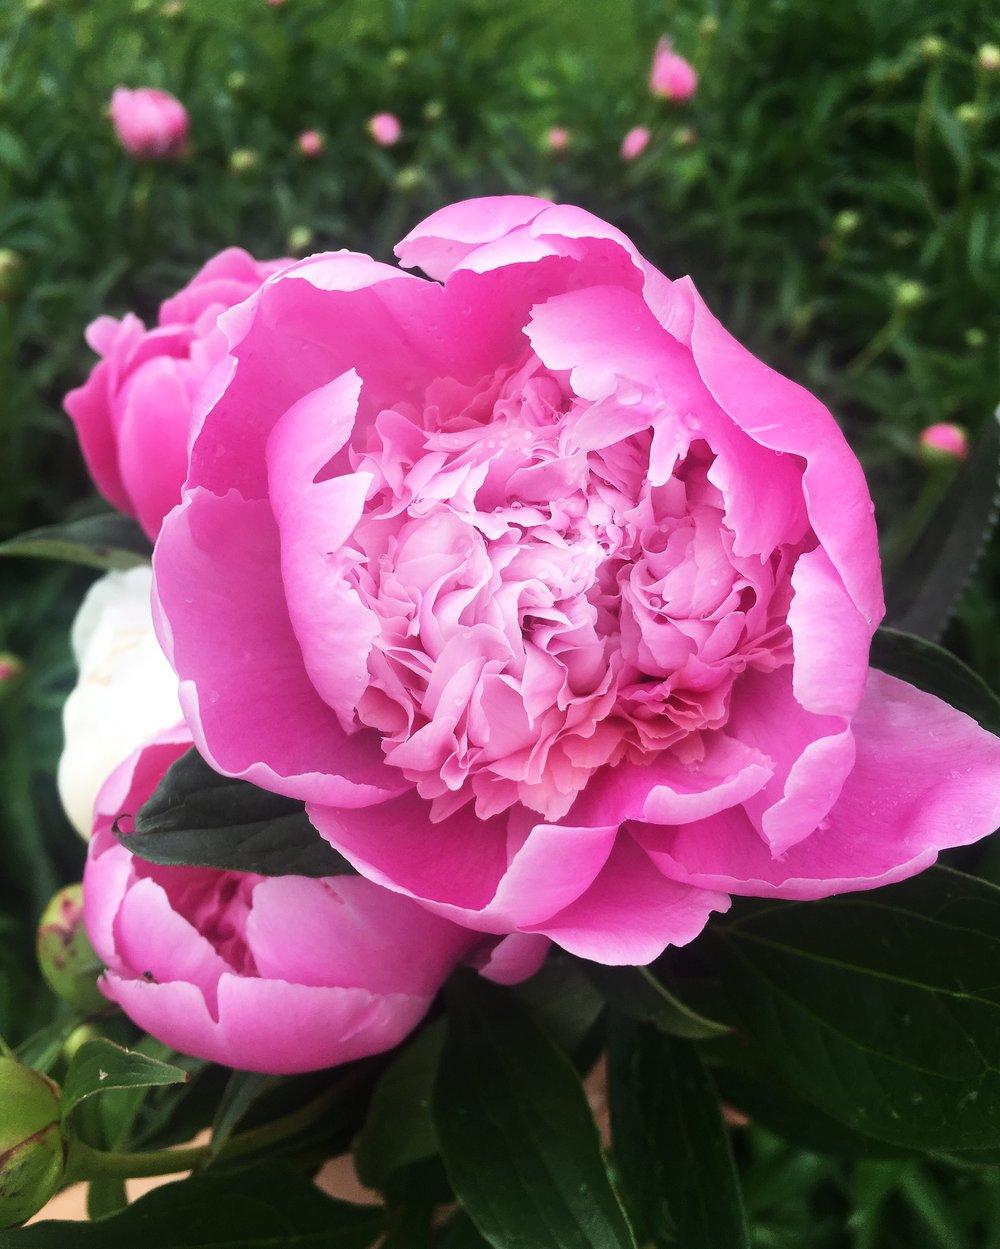 Peonies in bloom!